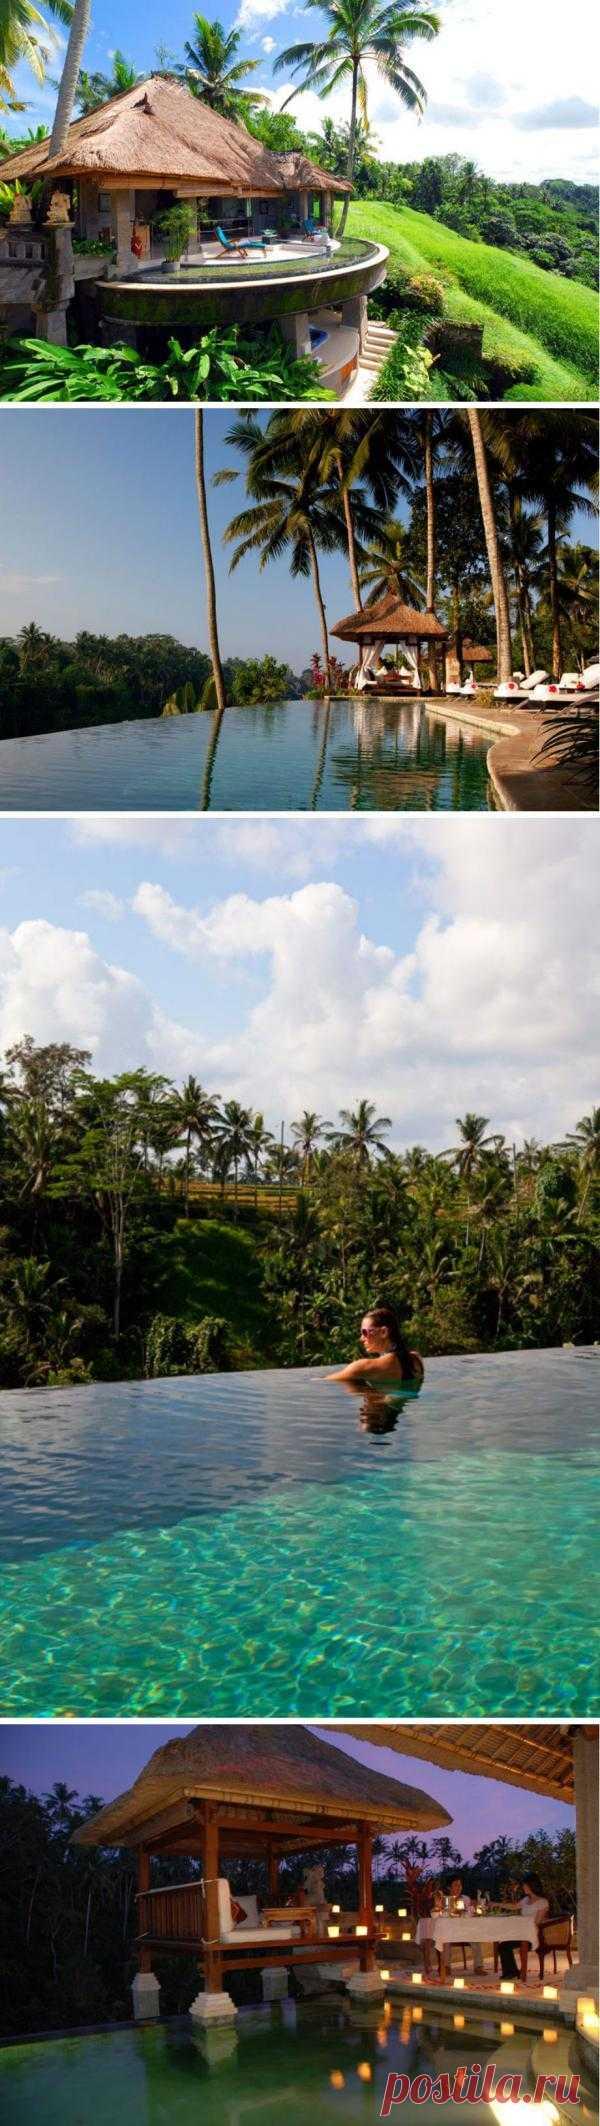 Viceroy Bali – спокойный и уютный, но эксклюзивный, роскошный отель, уютно расположенный в нетронутом живописном загородном уголке в окружении тропических джунглей. Остров Бали